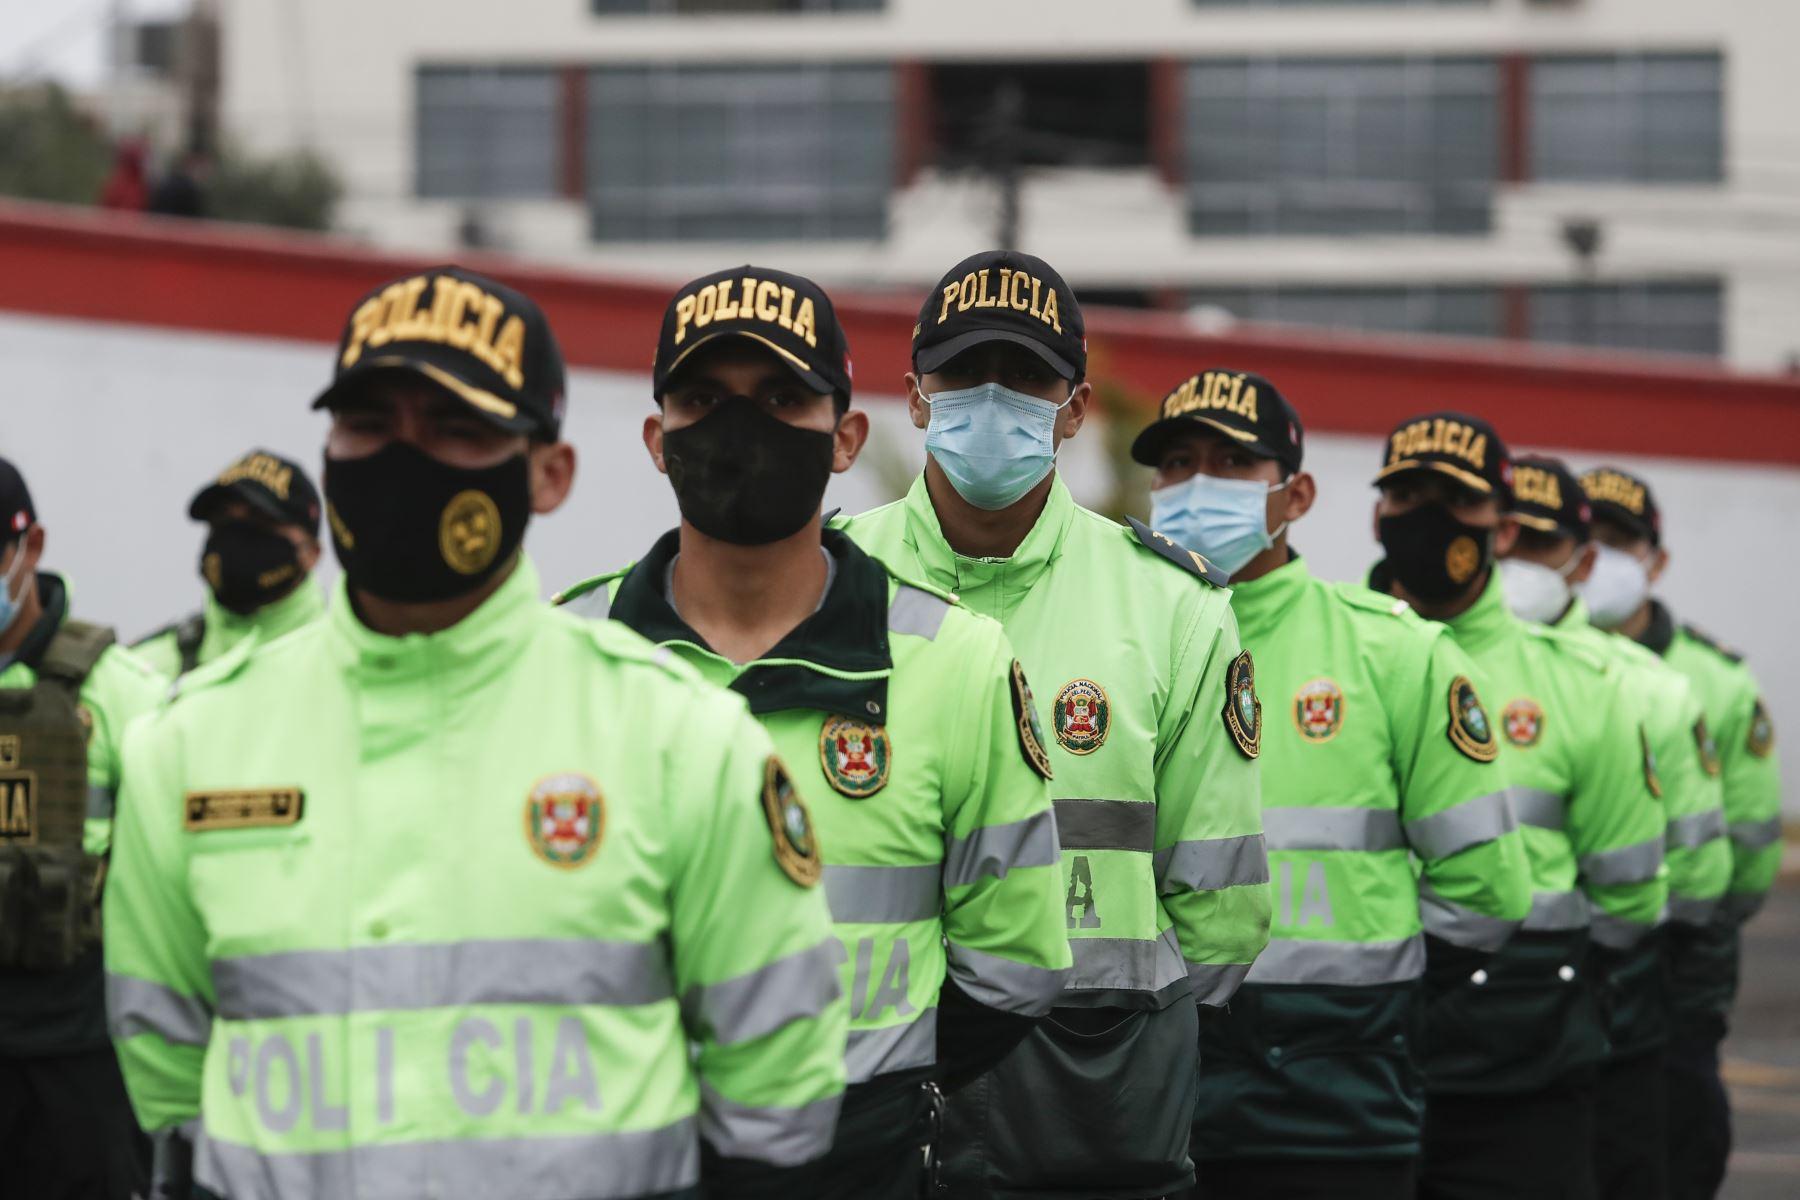 La primera reunión, se realizó la semana pasada con los Comités Regionales de Seguridad Ciudadana (Coresec) de Lima, Ica, La Libertad, Puno y Arequipa. ANDINA/Mininter